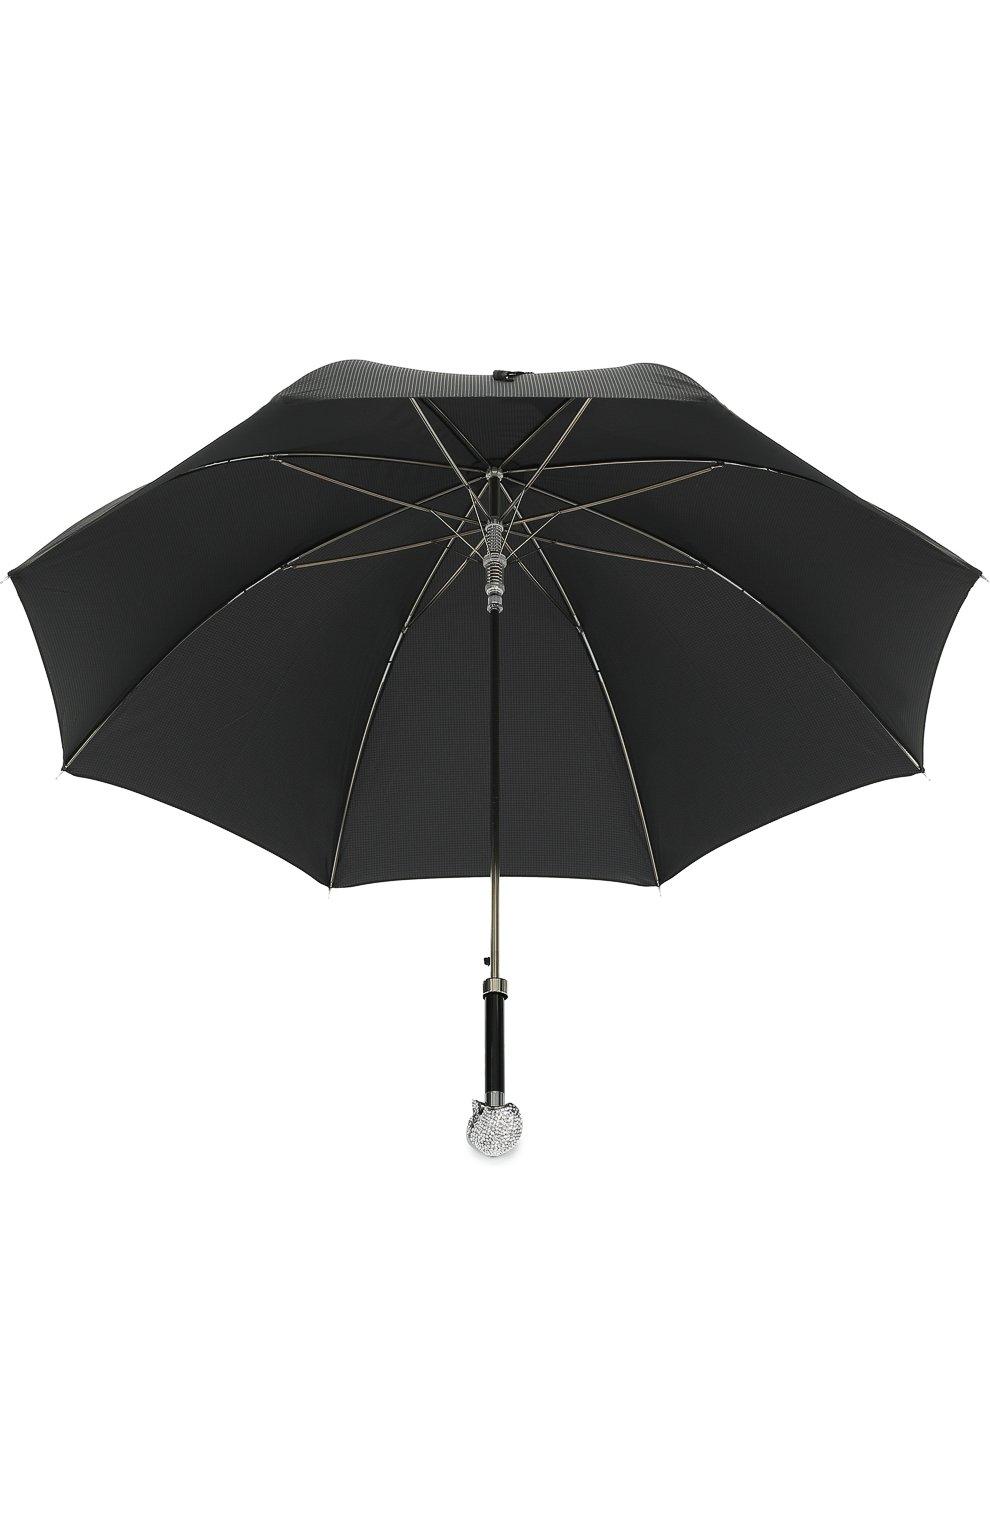 Мужской зонт-трость с отделкой кристаллами swarovski PASOTTI OMBRELLI черного цвета, арт. 478/NIAGARA 7079/8/W333 | Фото 3